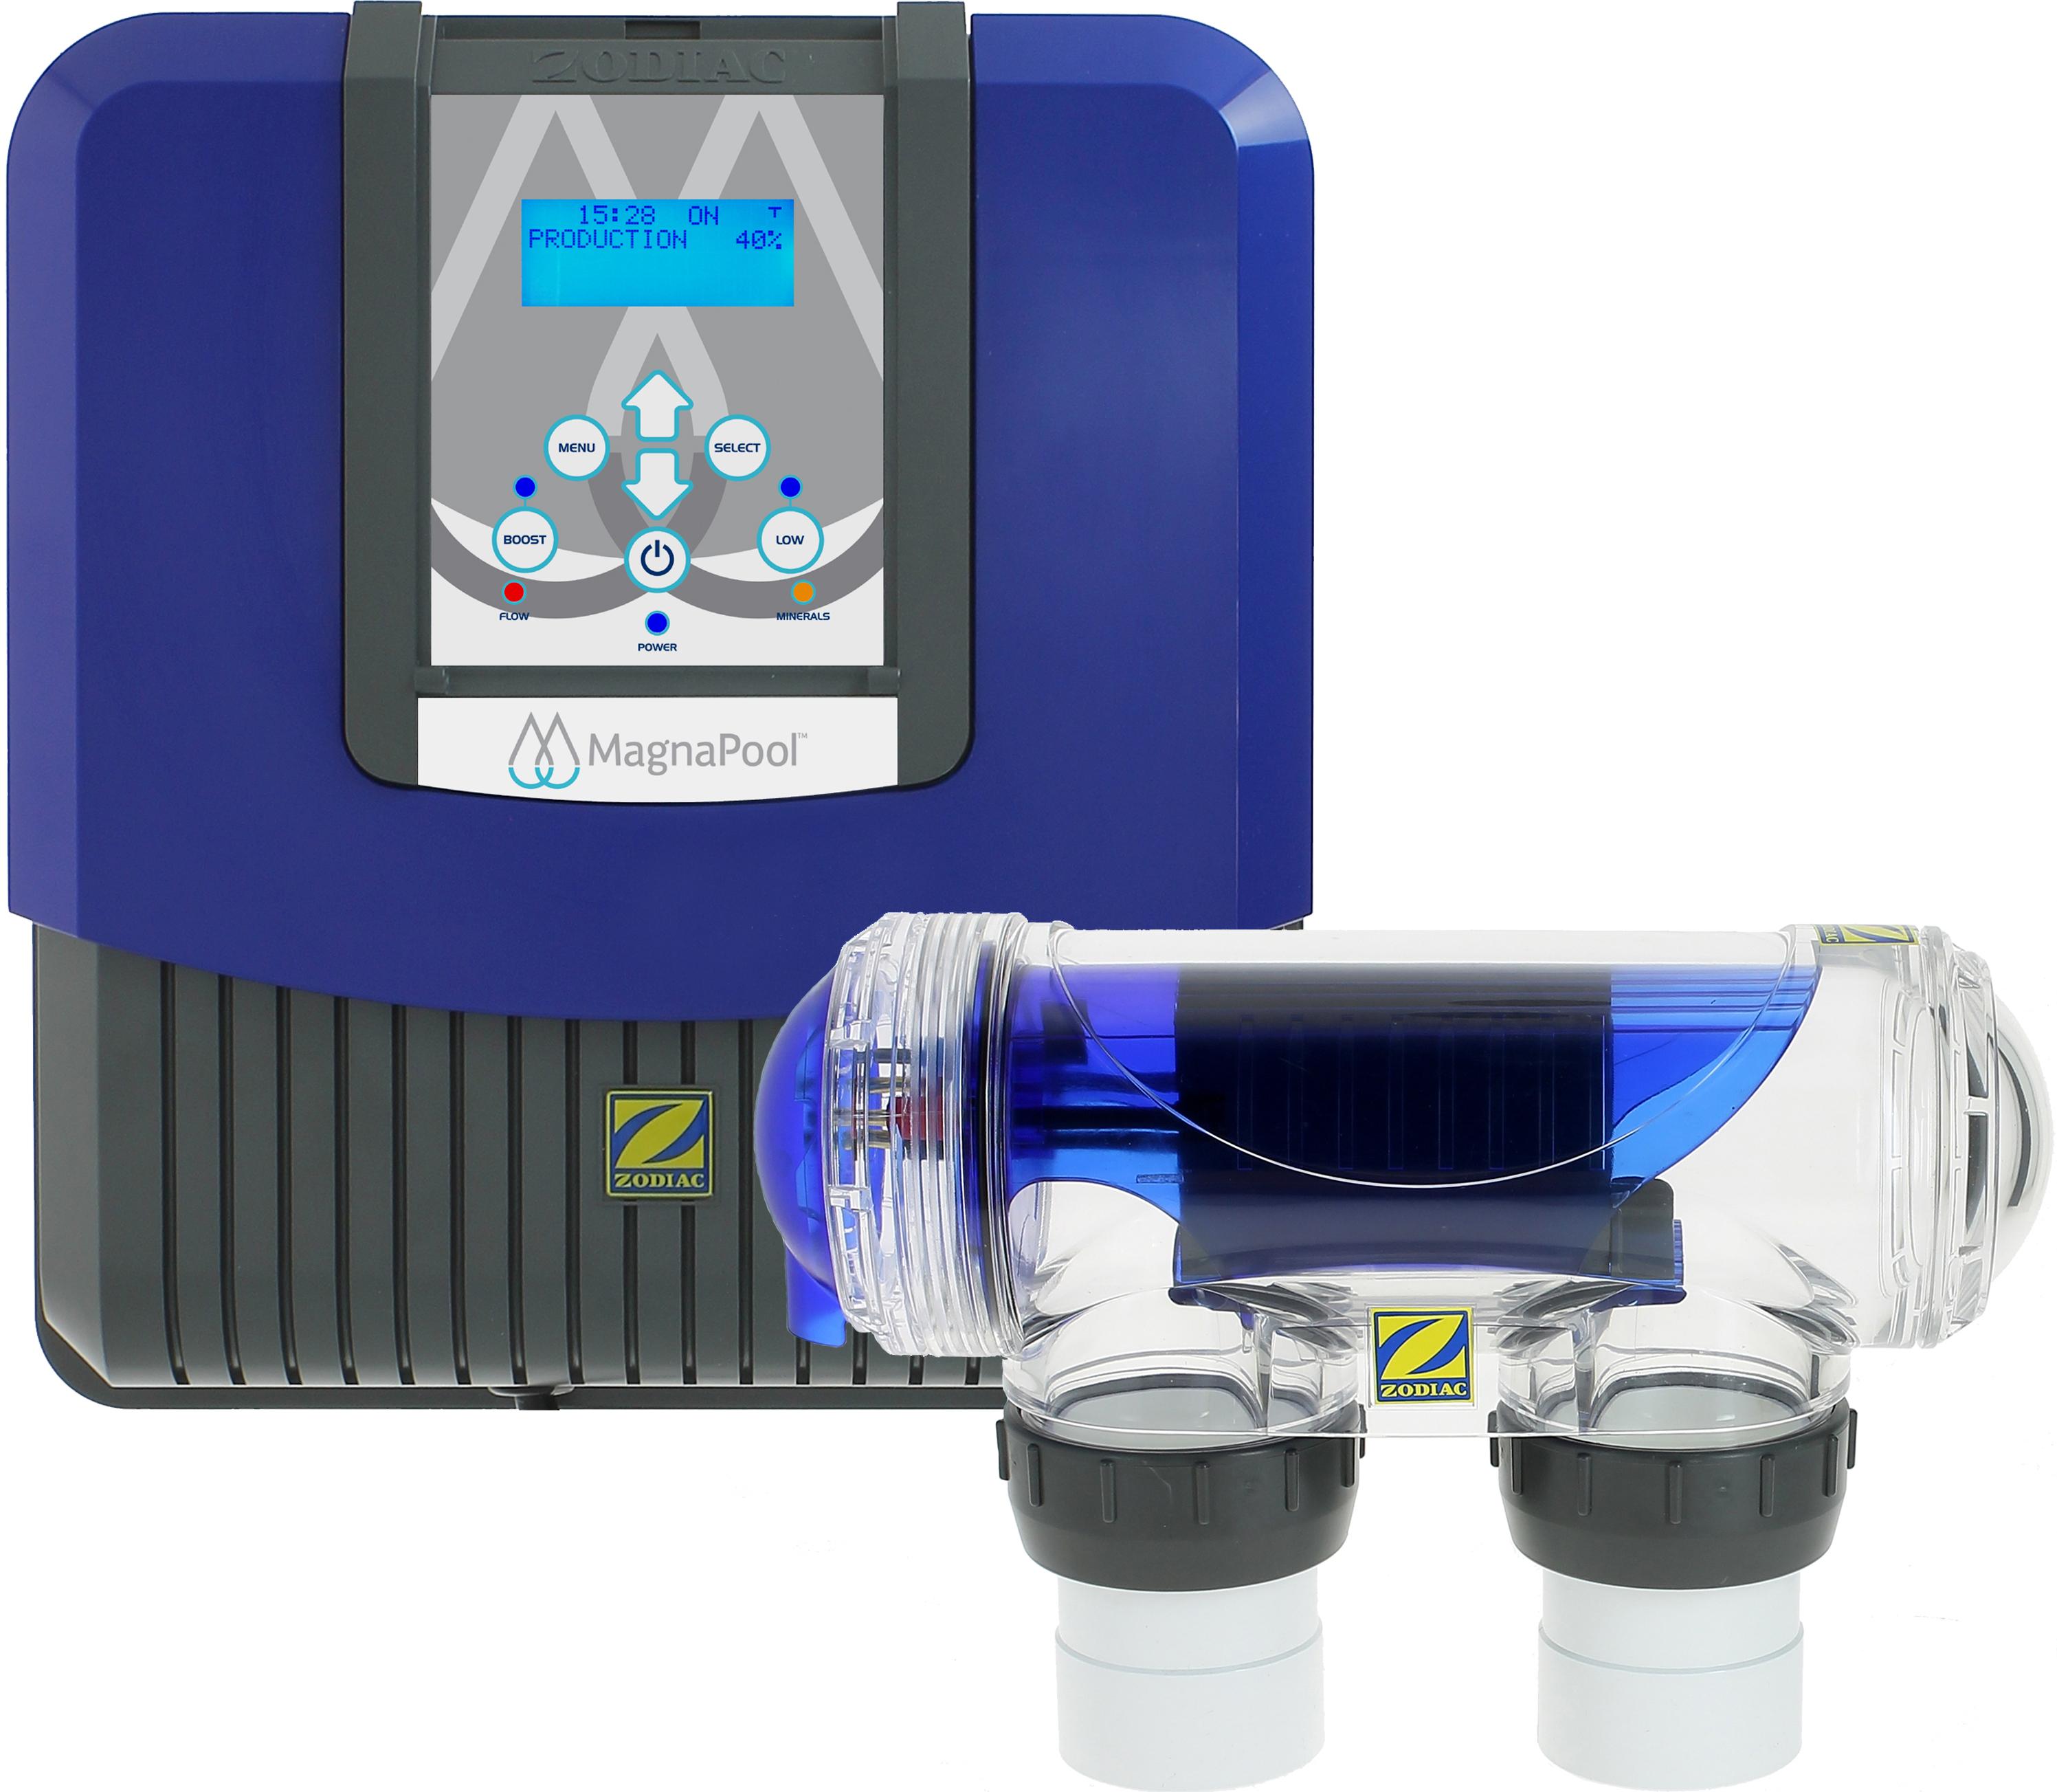 Hydroxinator per trattamento magnapool